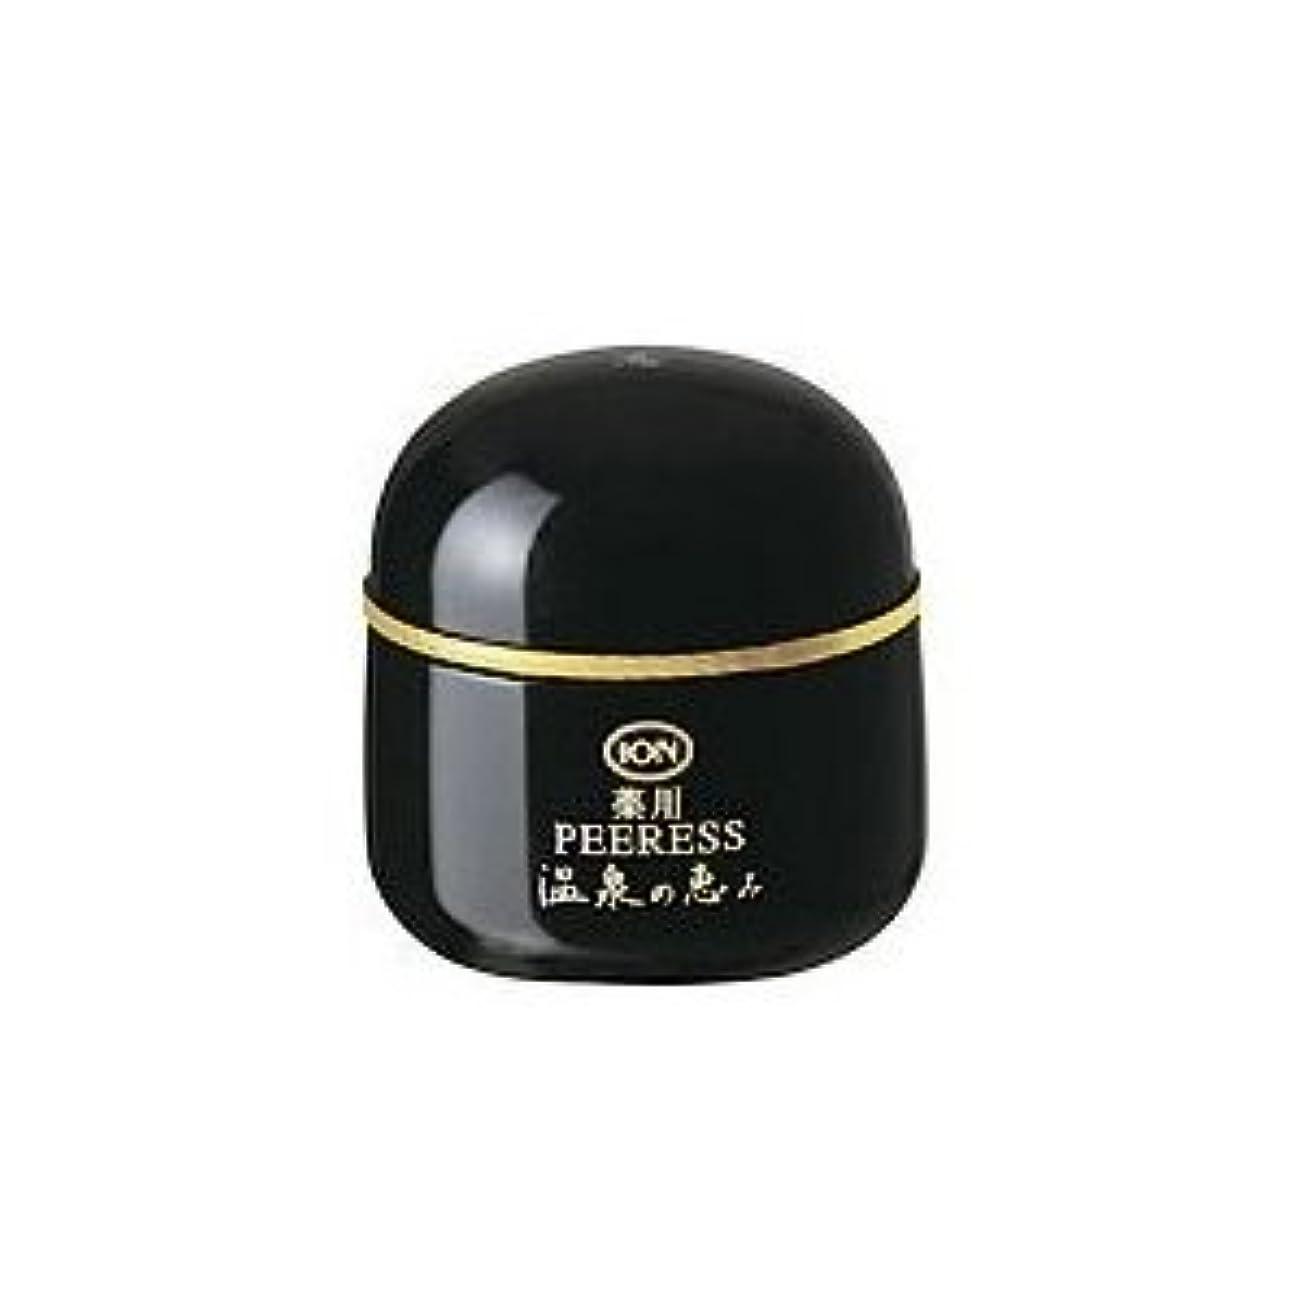 イオン化粧品 温泉の恵み 薬用ピアレススプリーム 40g 弱酸性 普通肌~荒性肌用